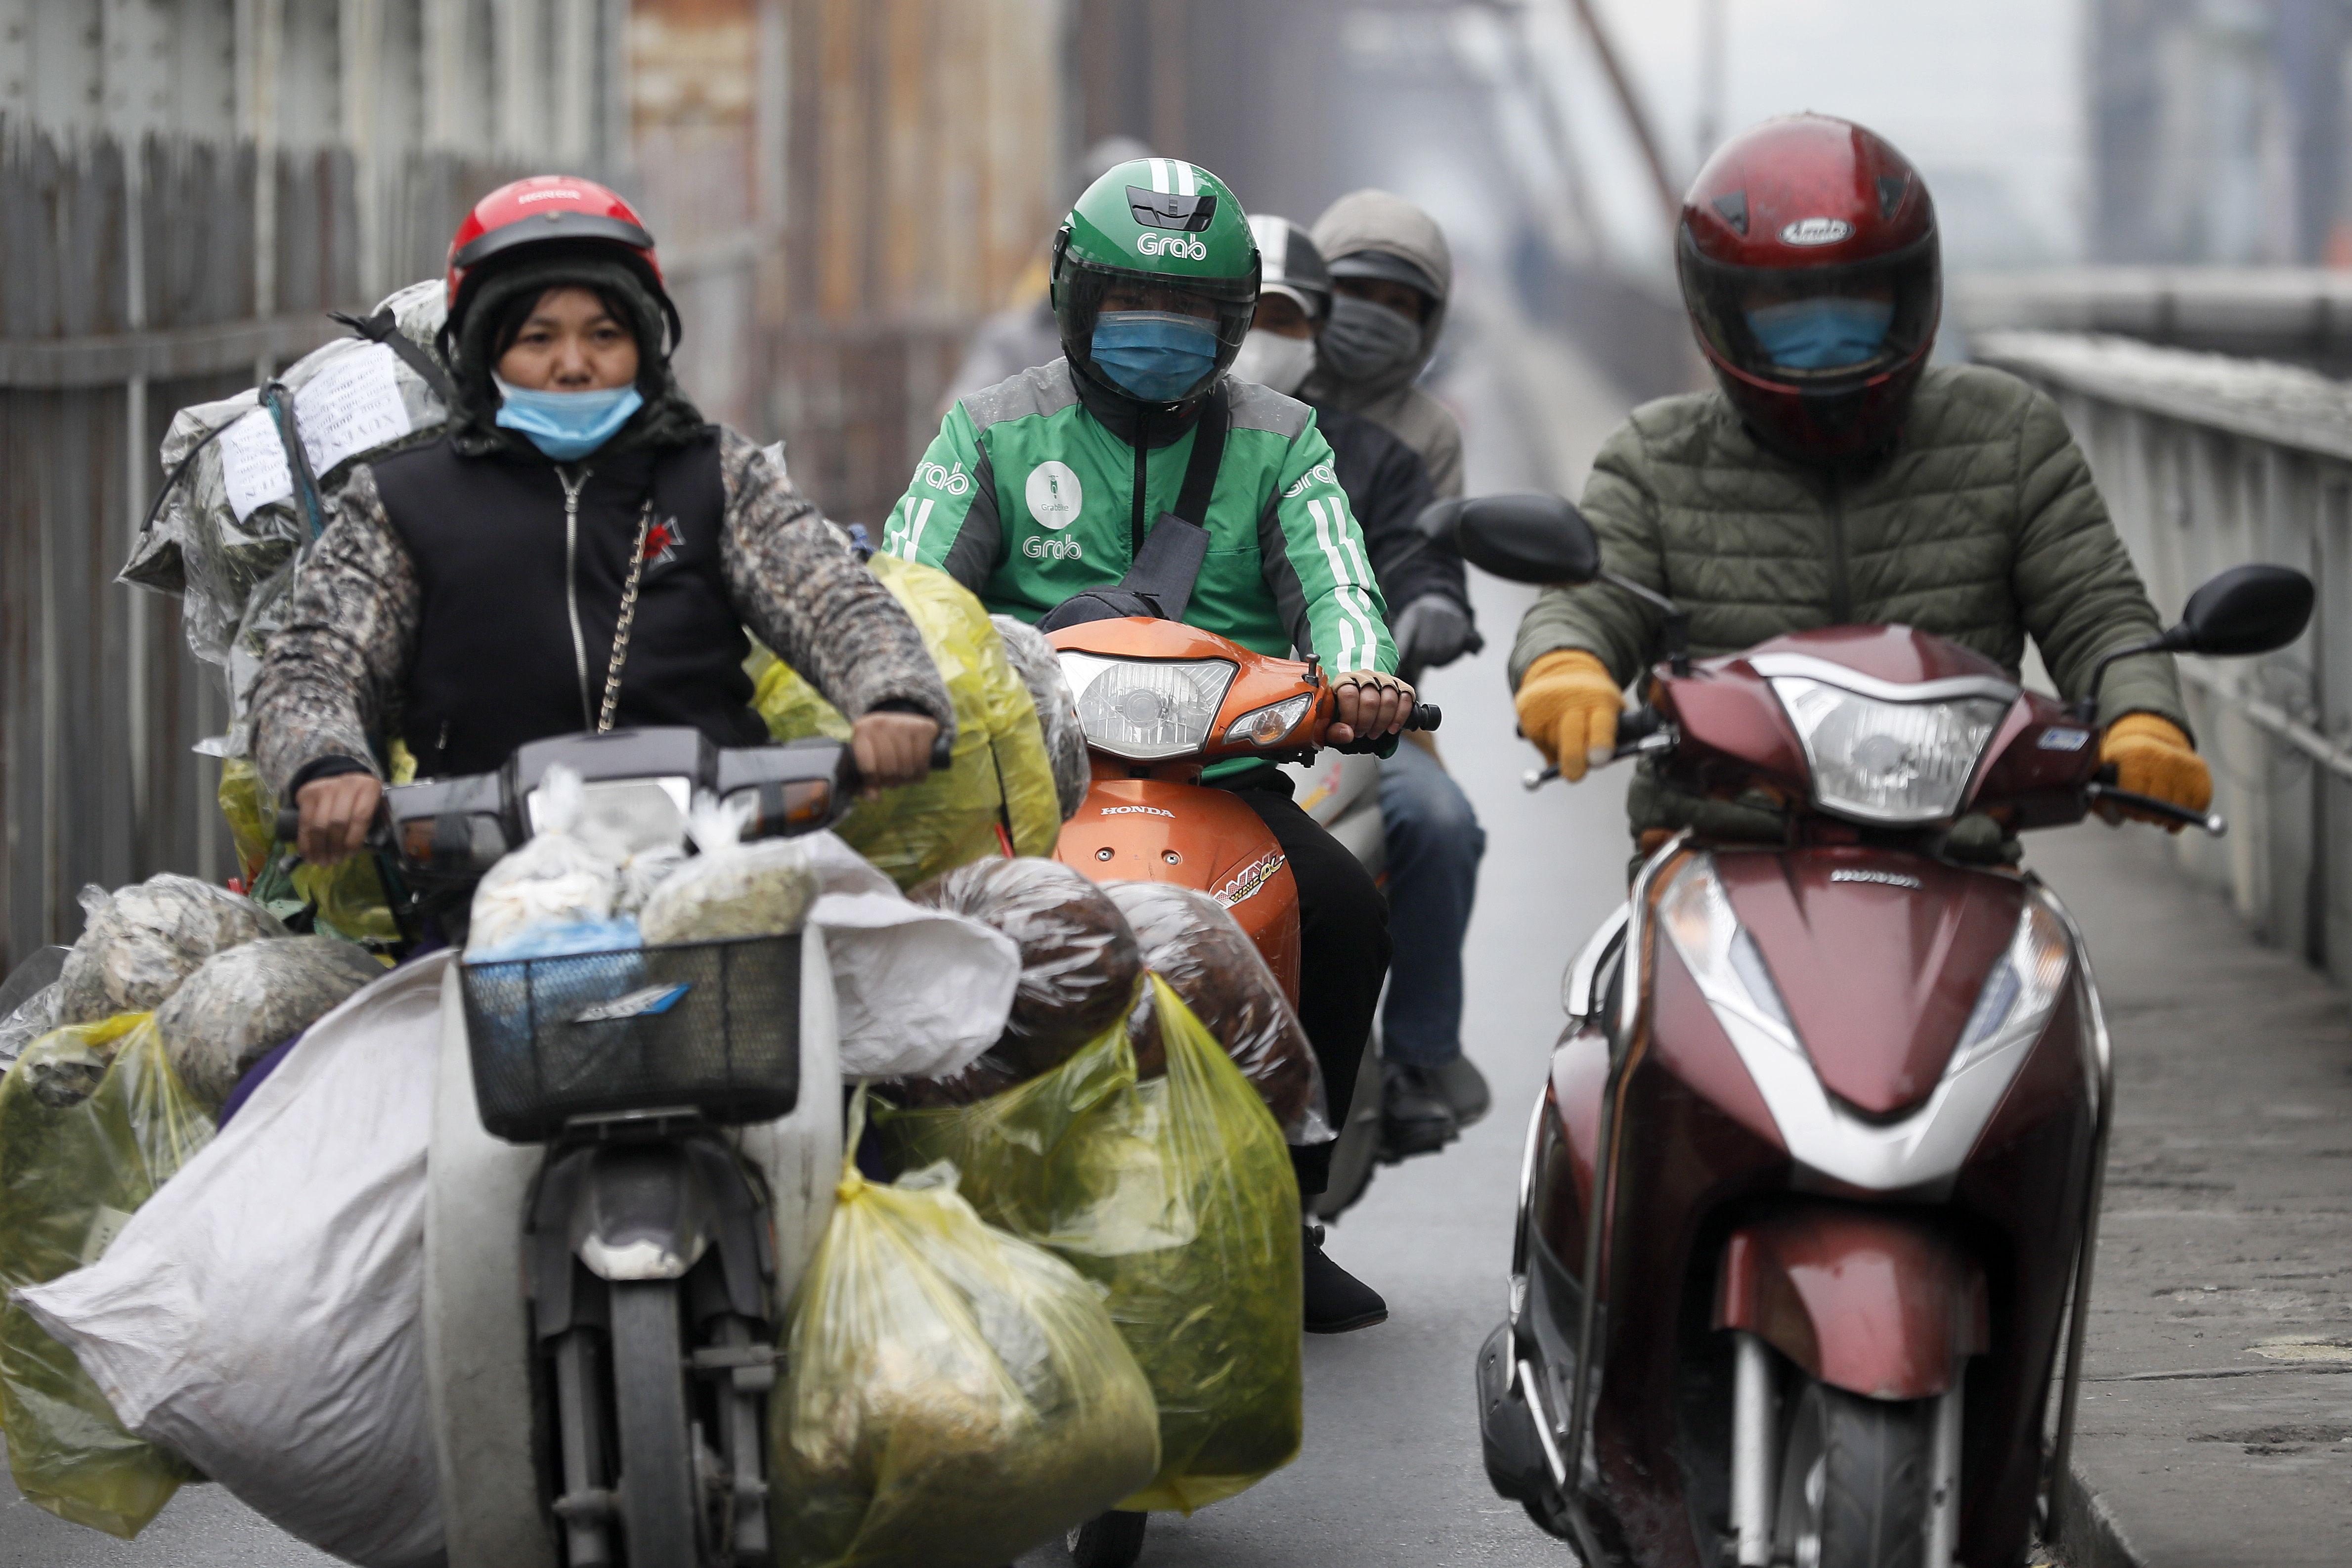 رانندگان نقابدار در هانوی.